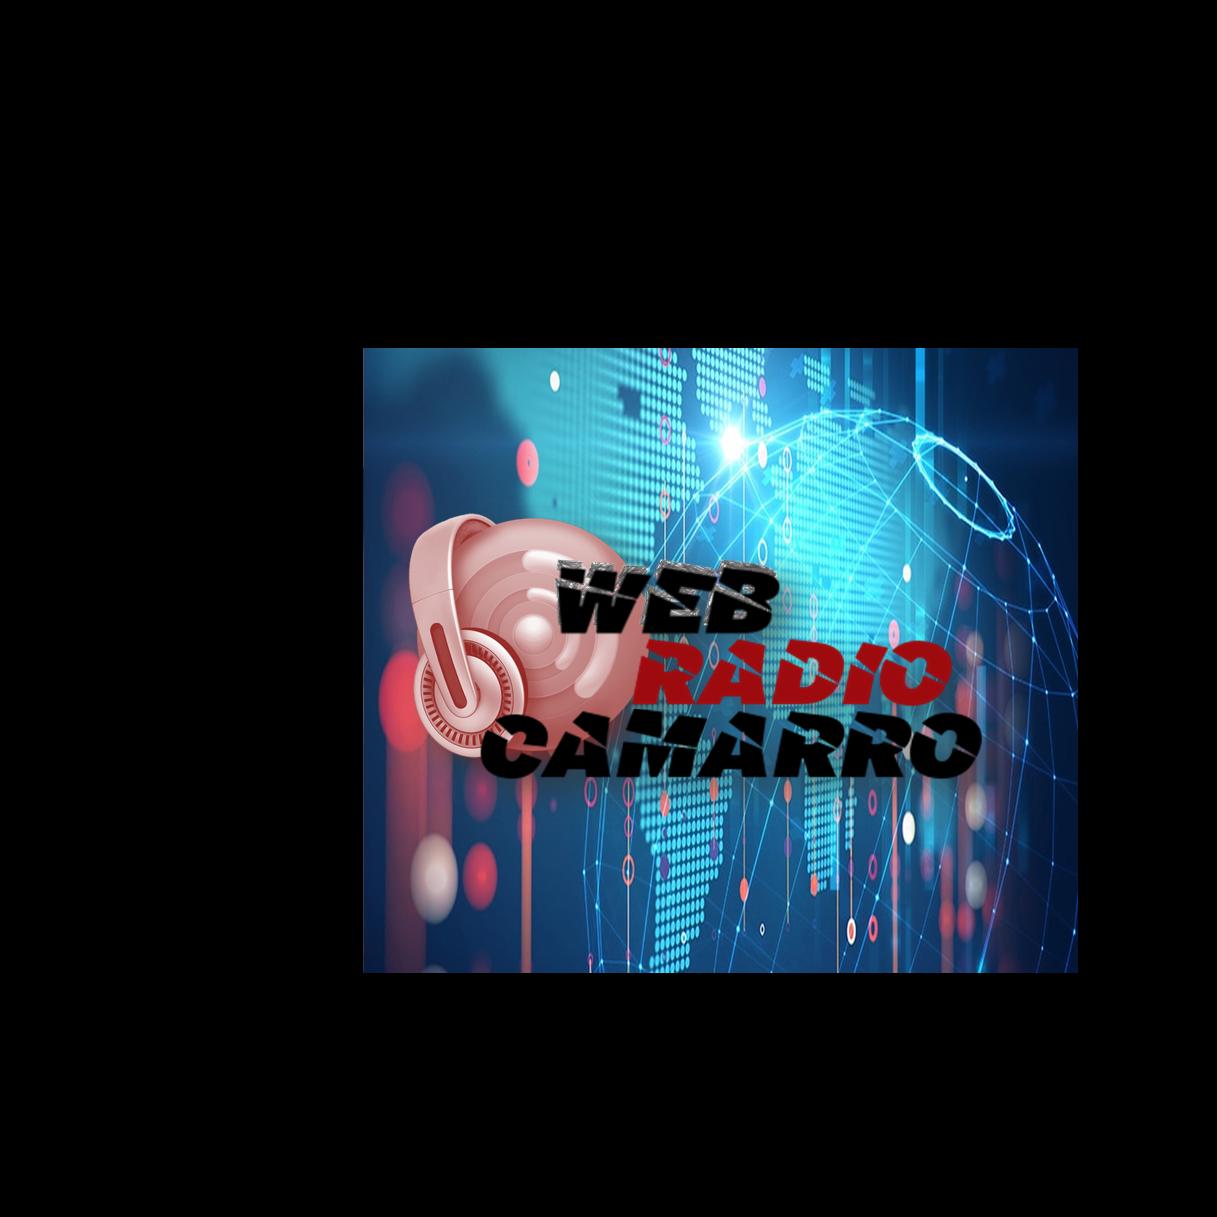 webradiocamarro